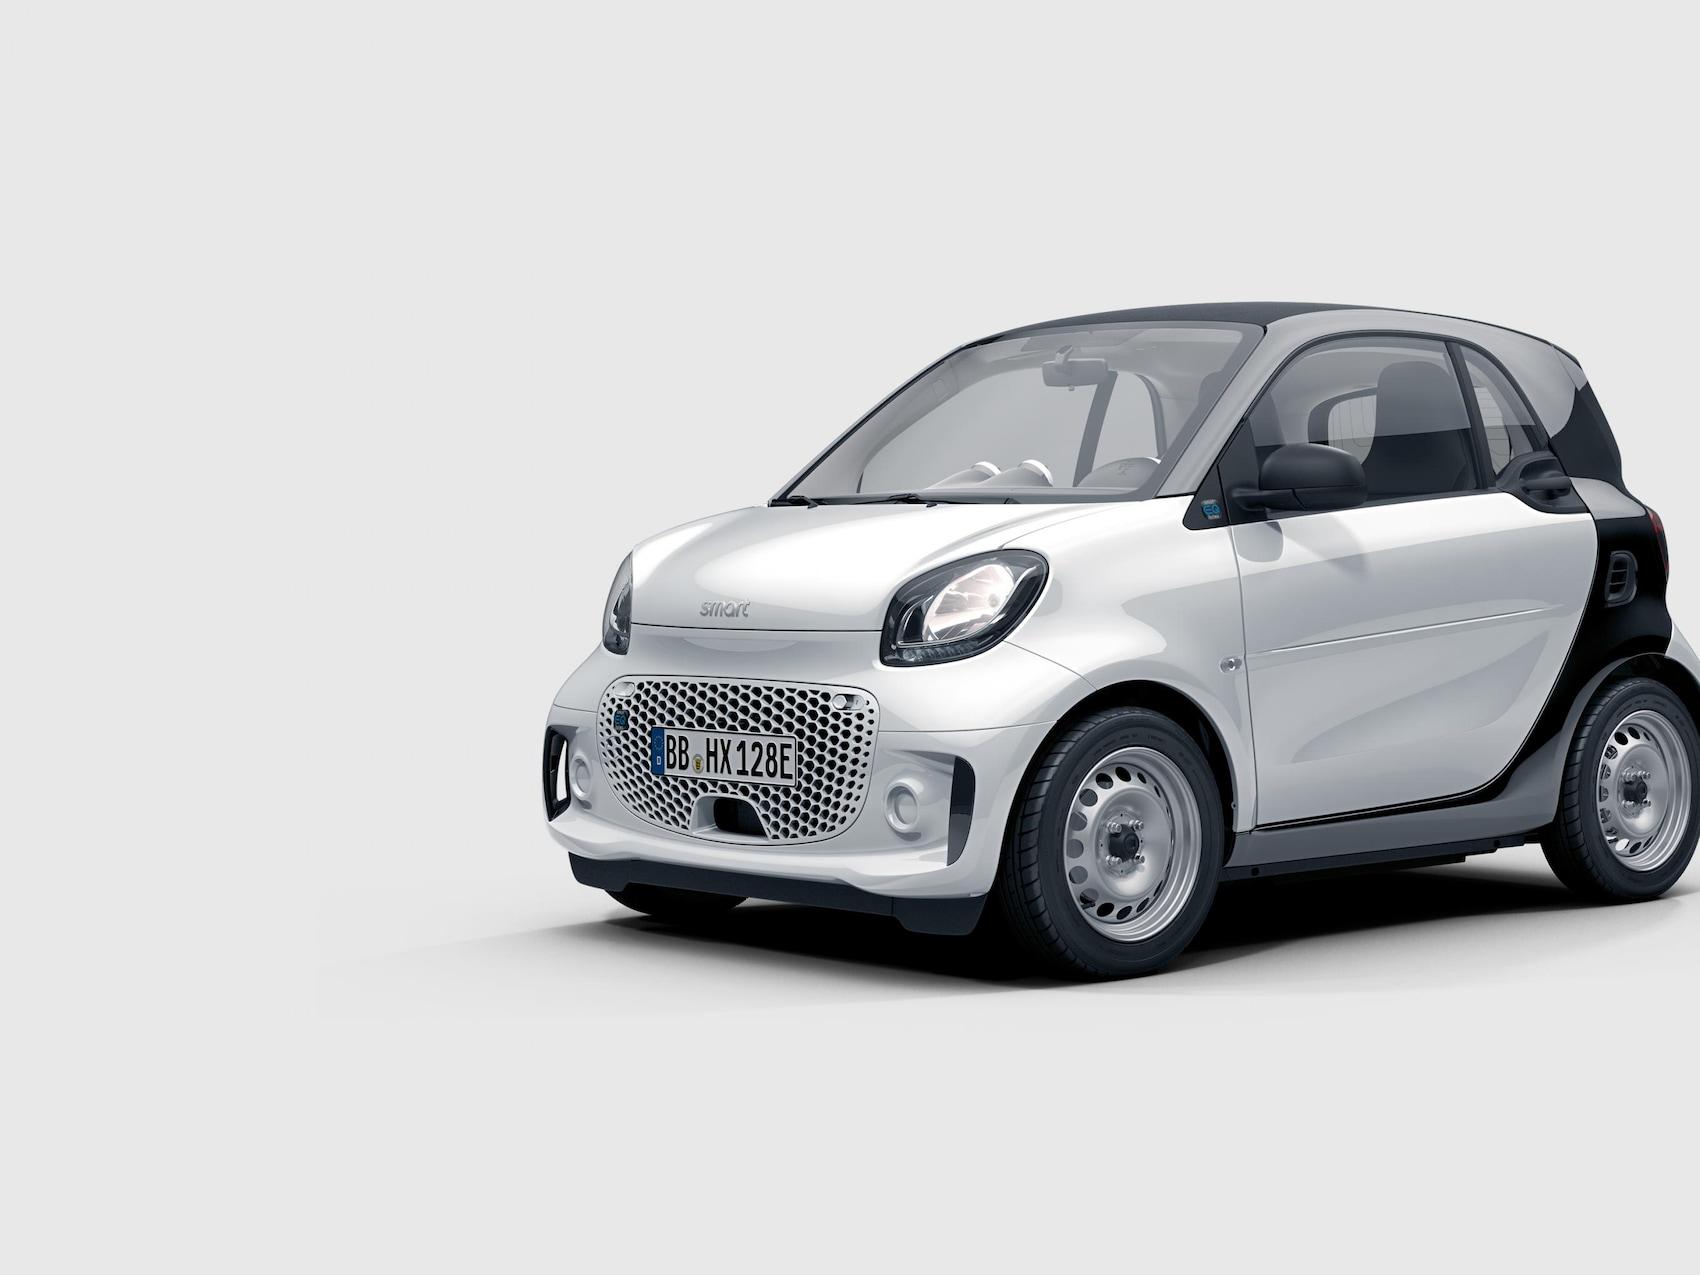 Ein smart forfour mit Blick auf die Front und den Seitenflügel.